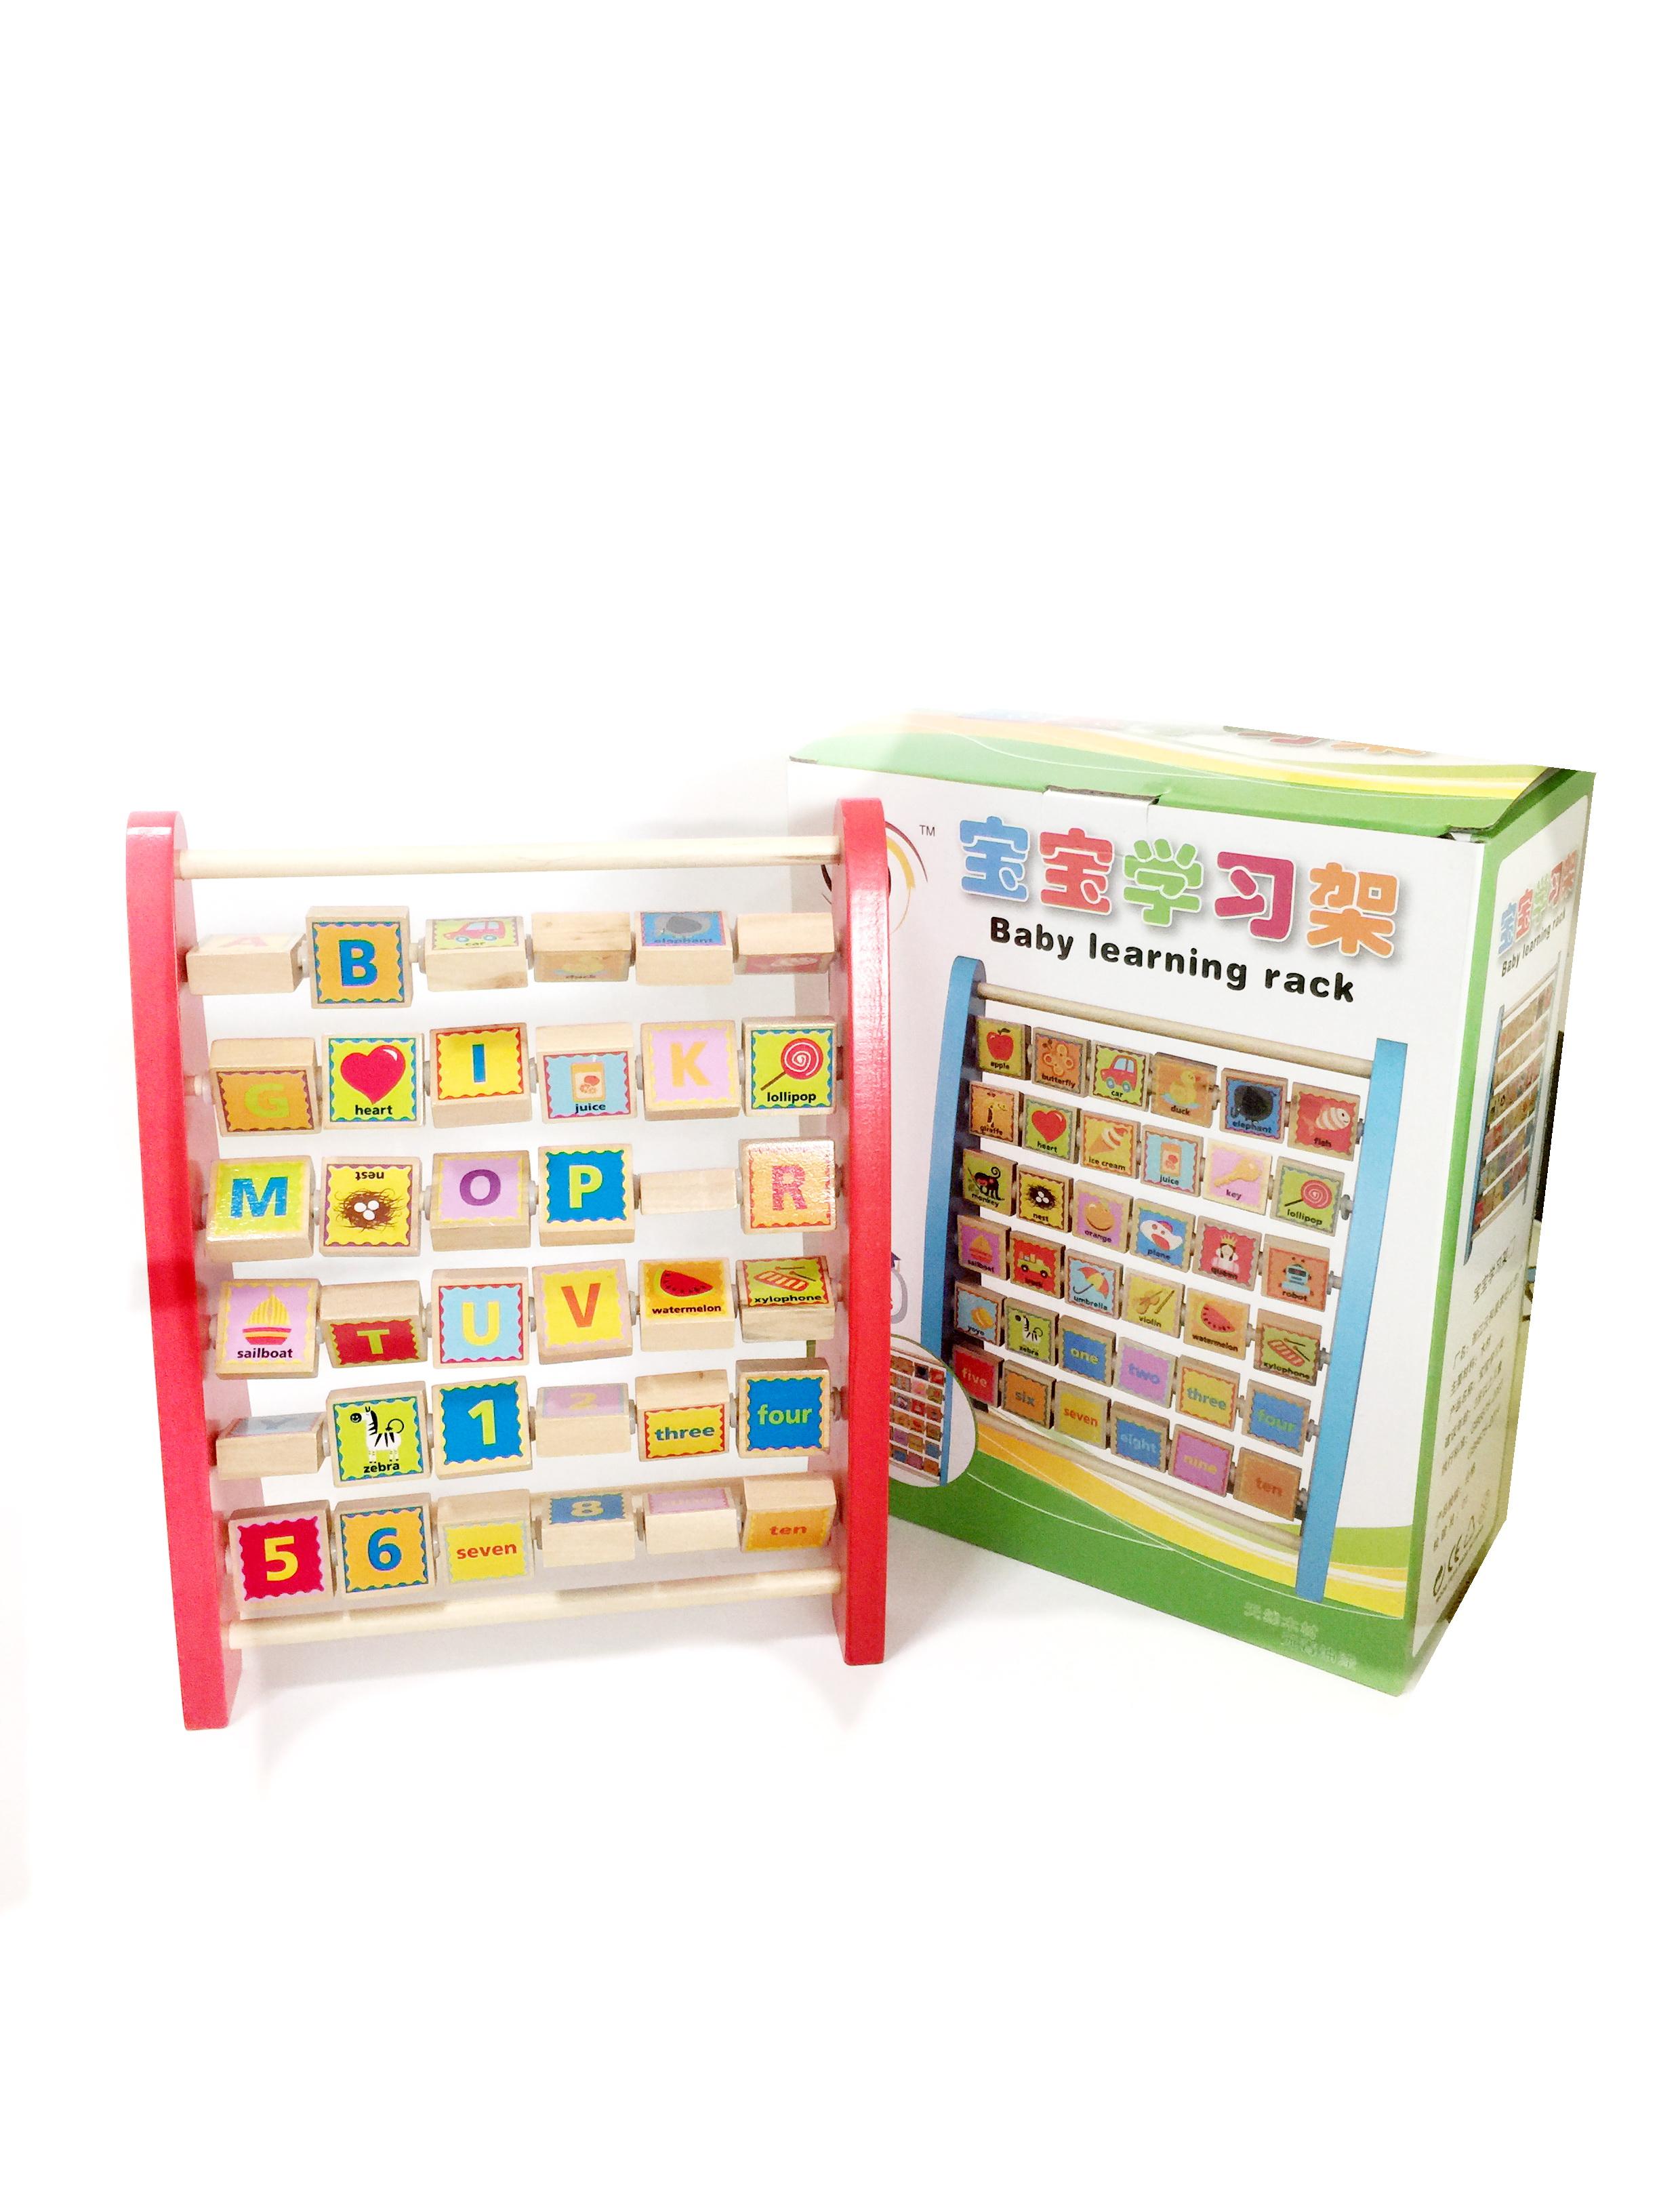 ิbaby learning rack